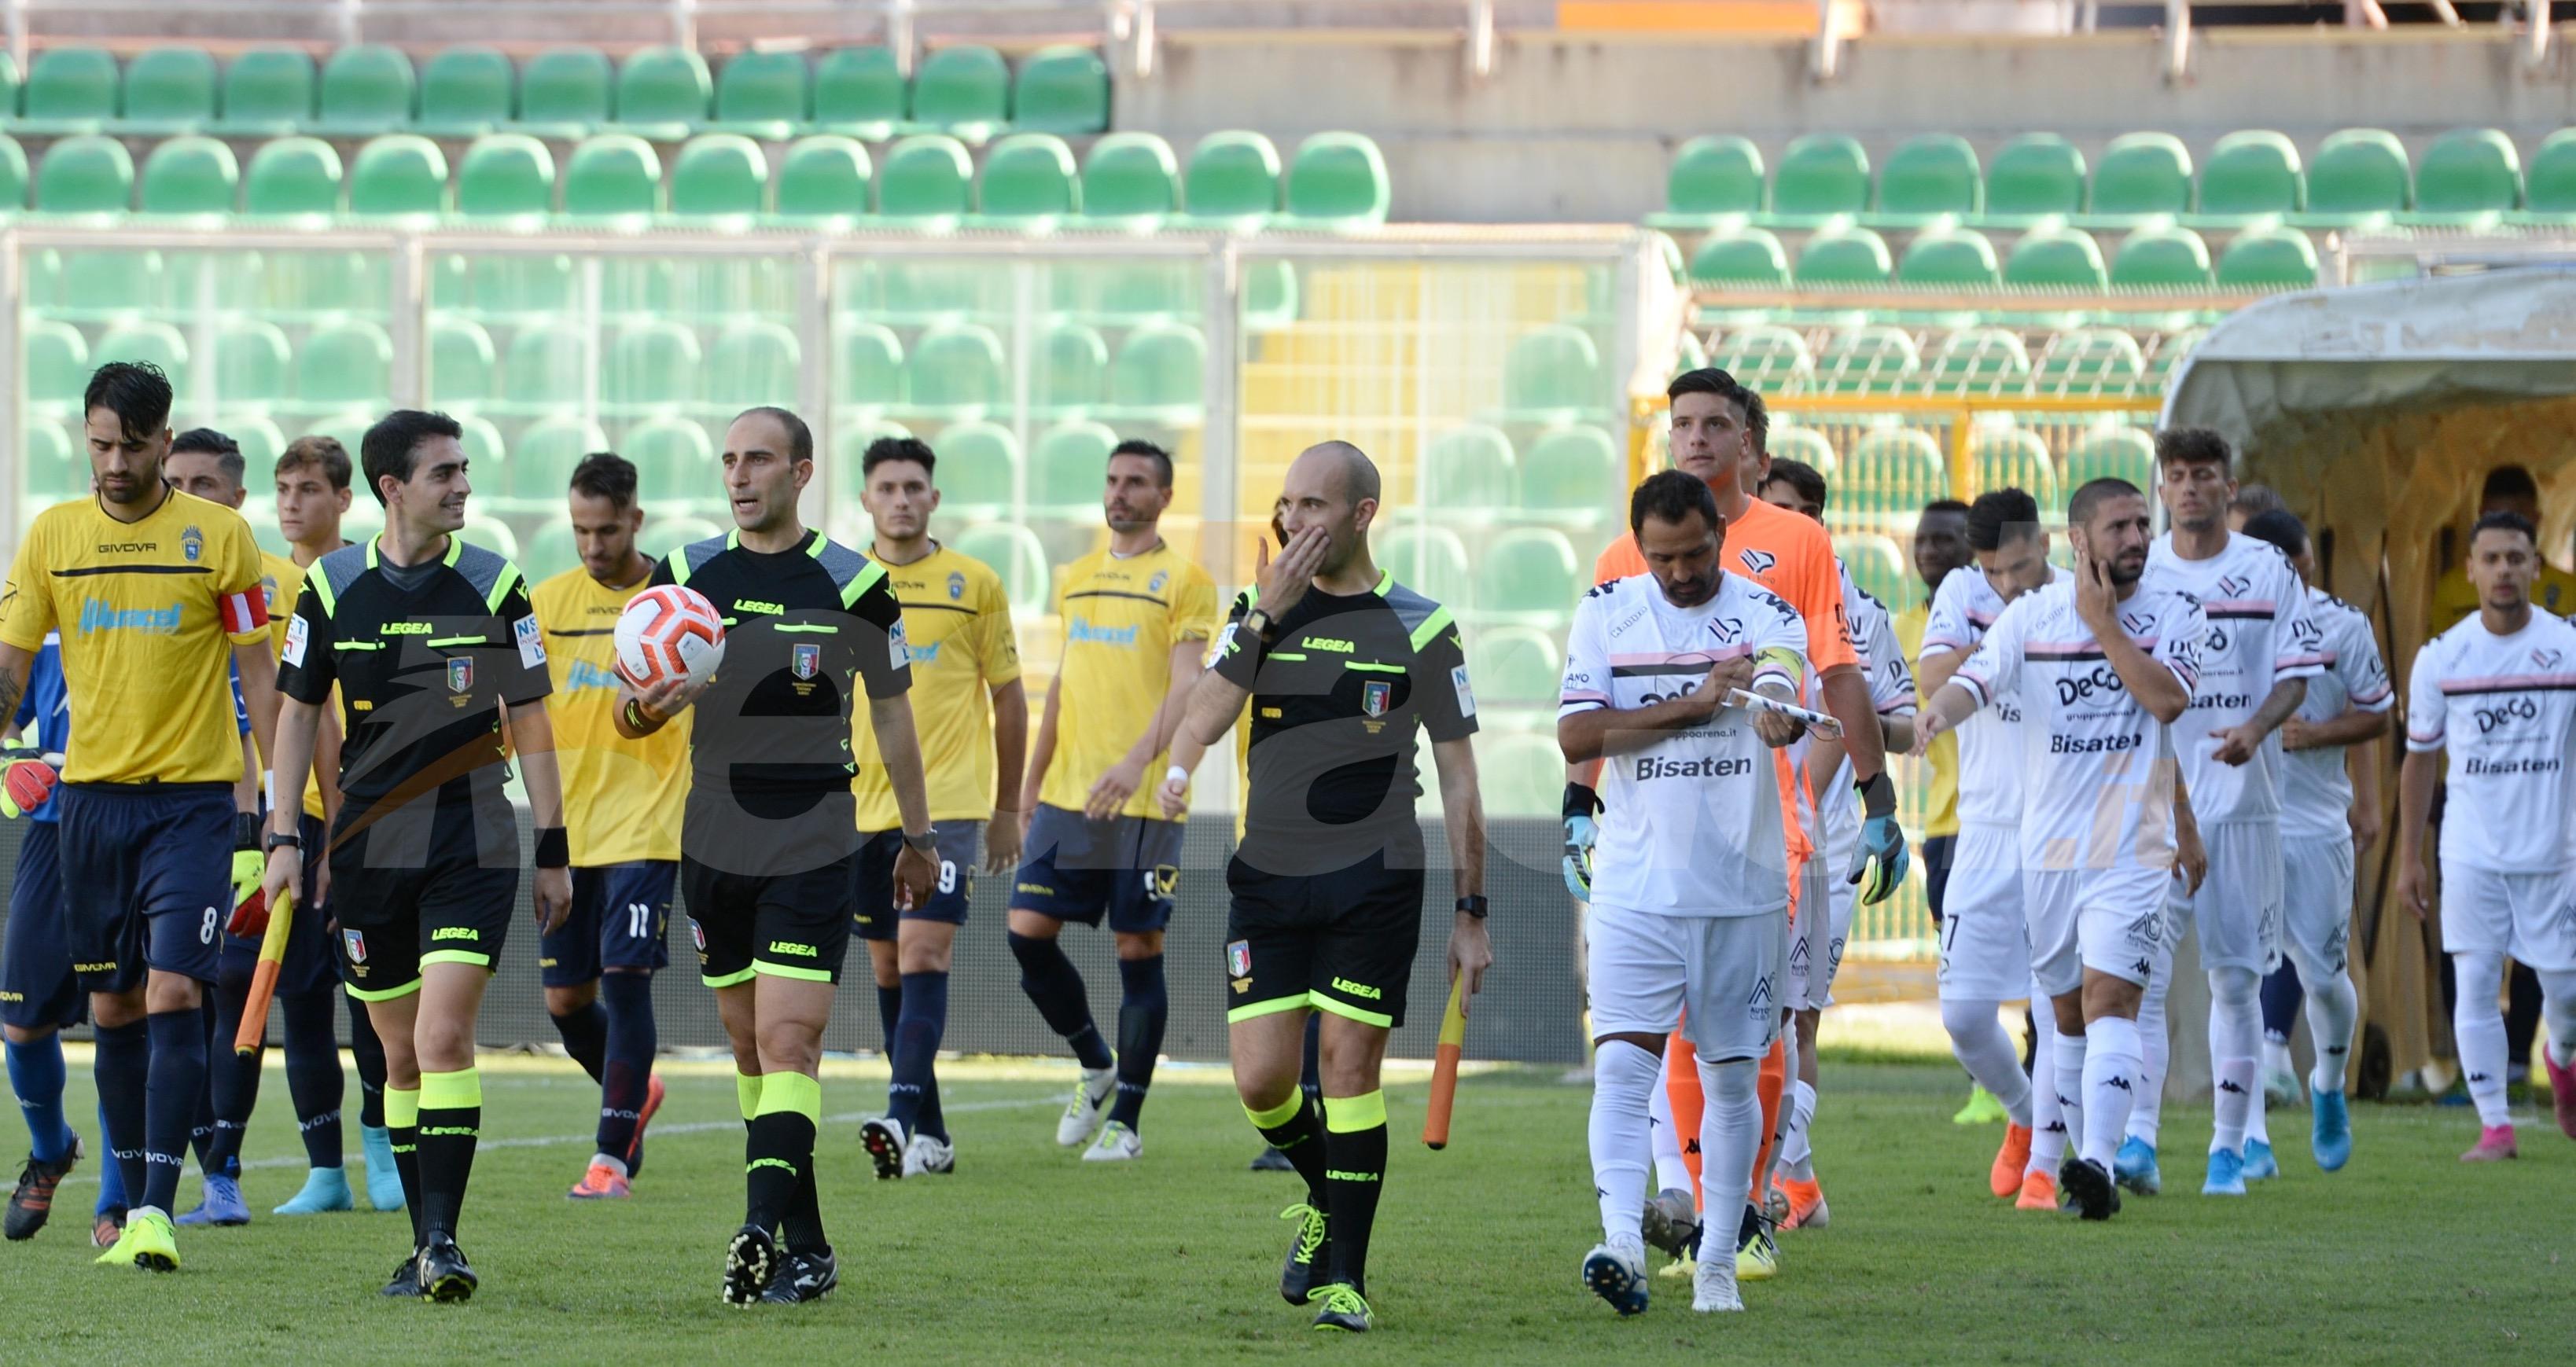 Biancavilla - Palermo. divieto di vendita dei biglietti ai residenti nel capoluogo siciliano